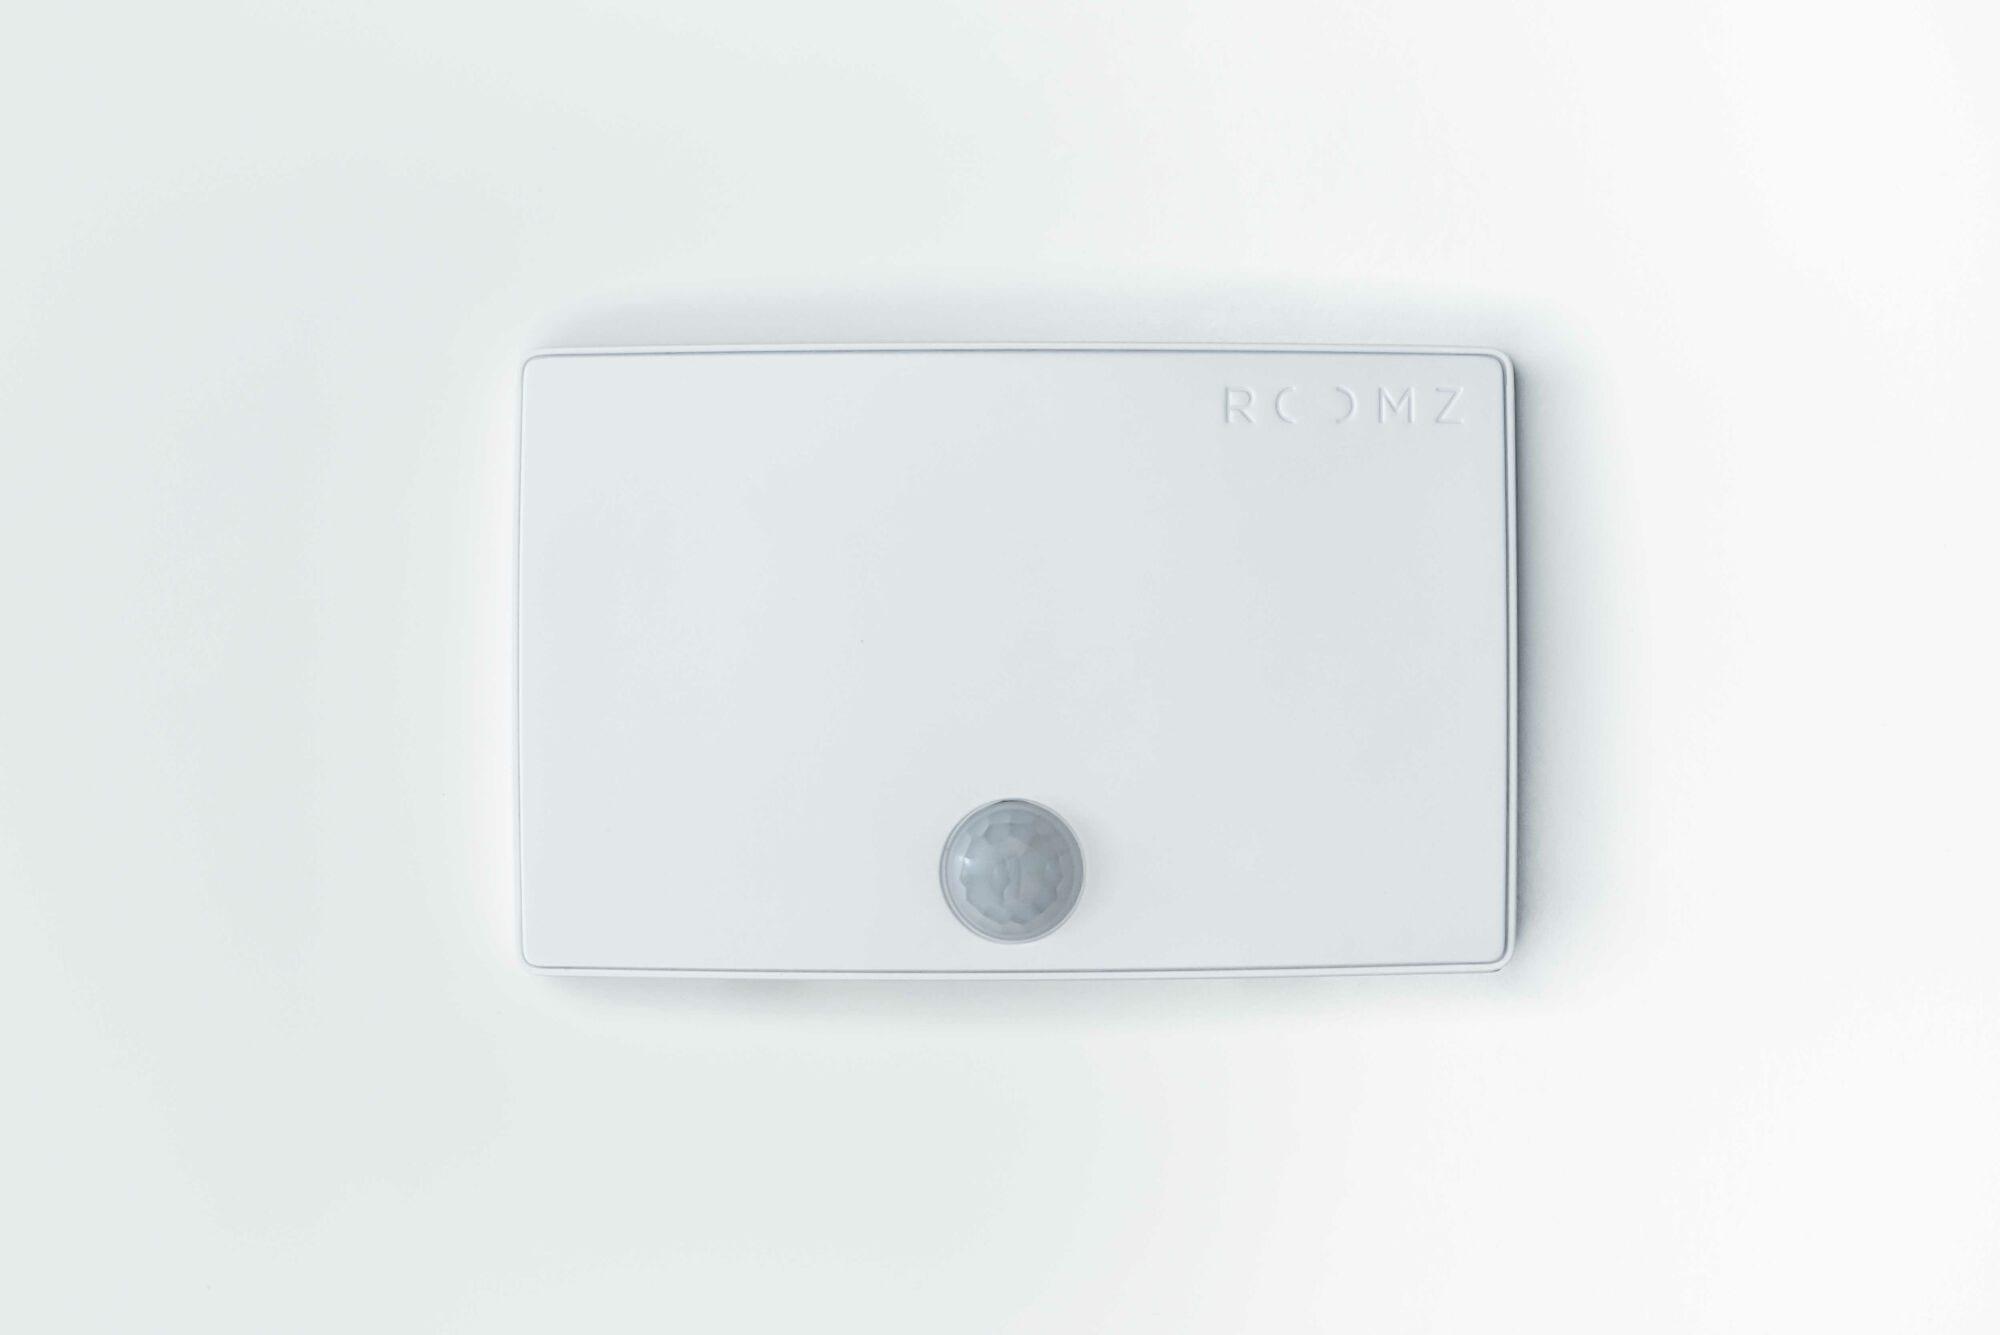 Ein ROOMZ Sensor in weiss und schlichtem Design.